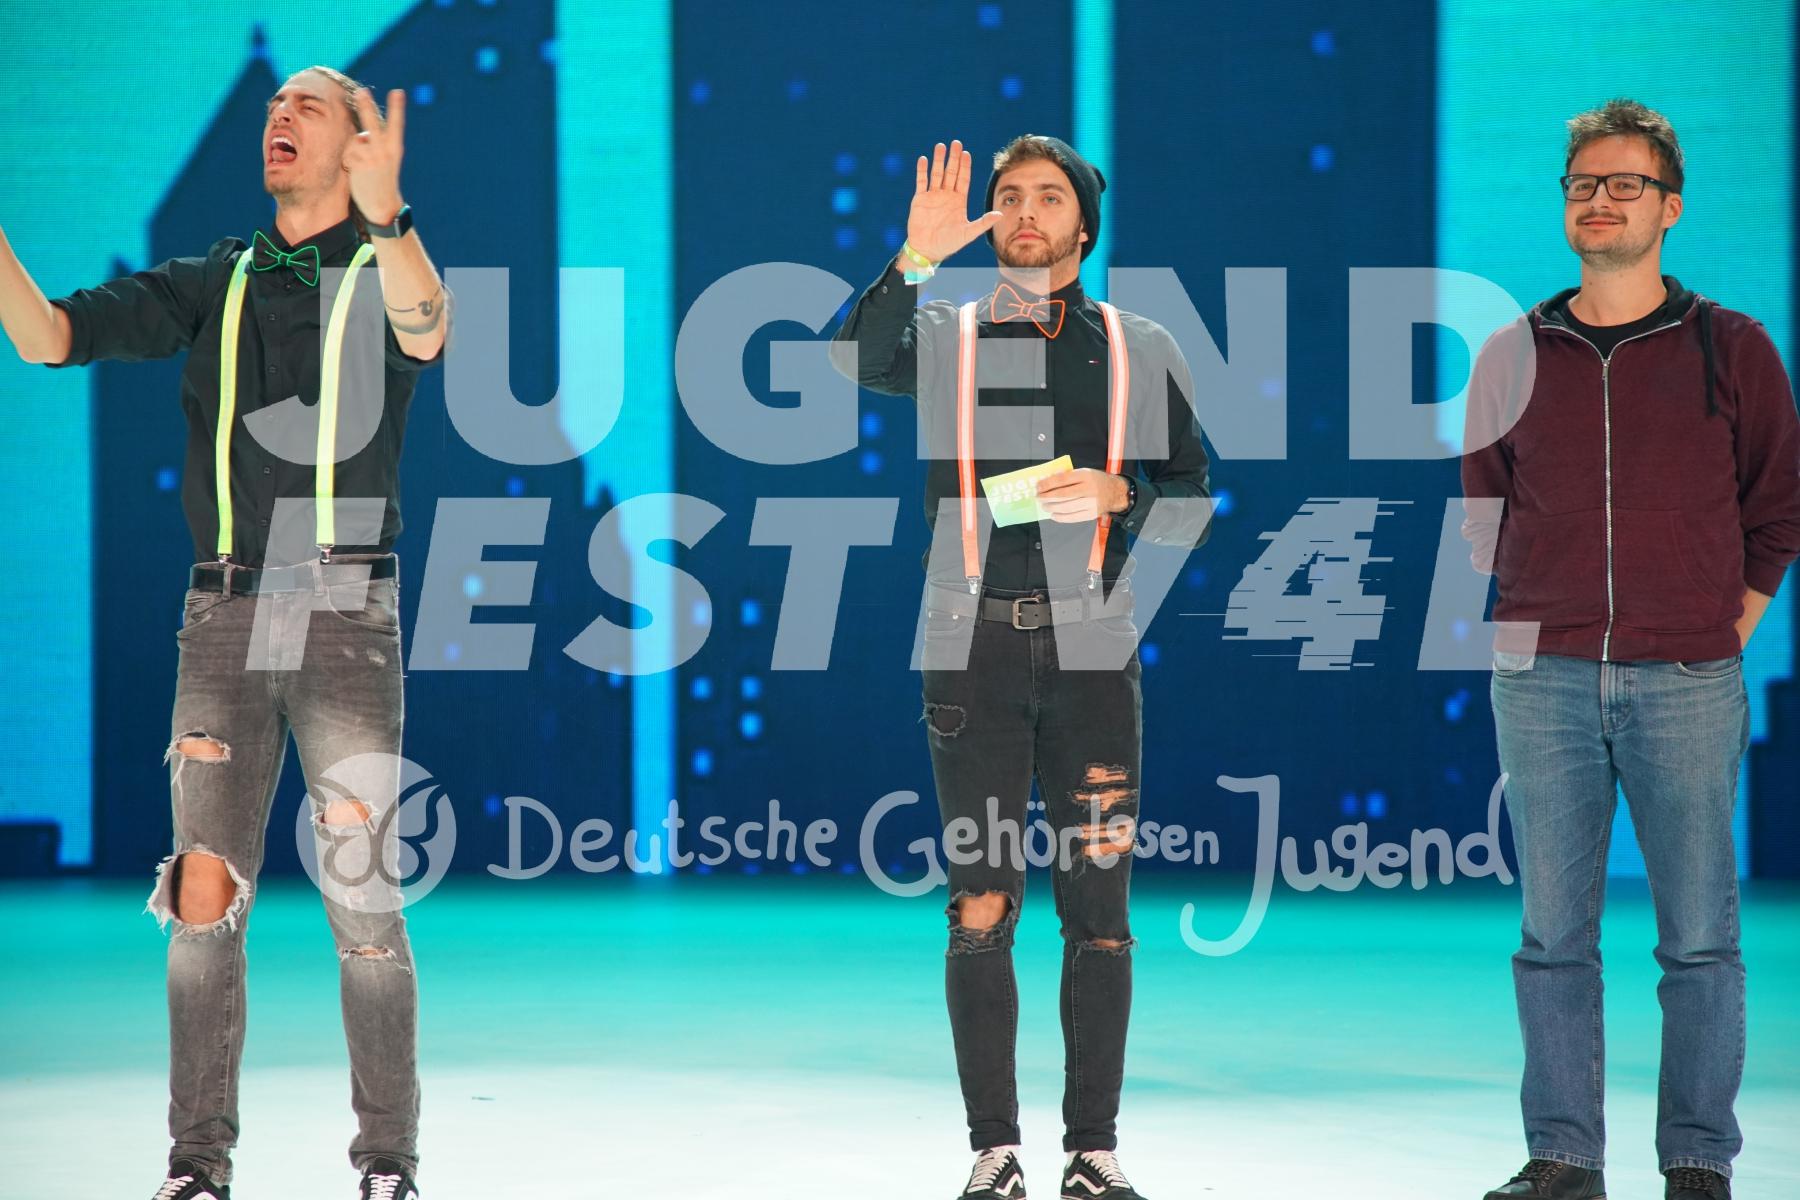 Jugendfestiv4l_FZ-1052